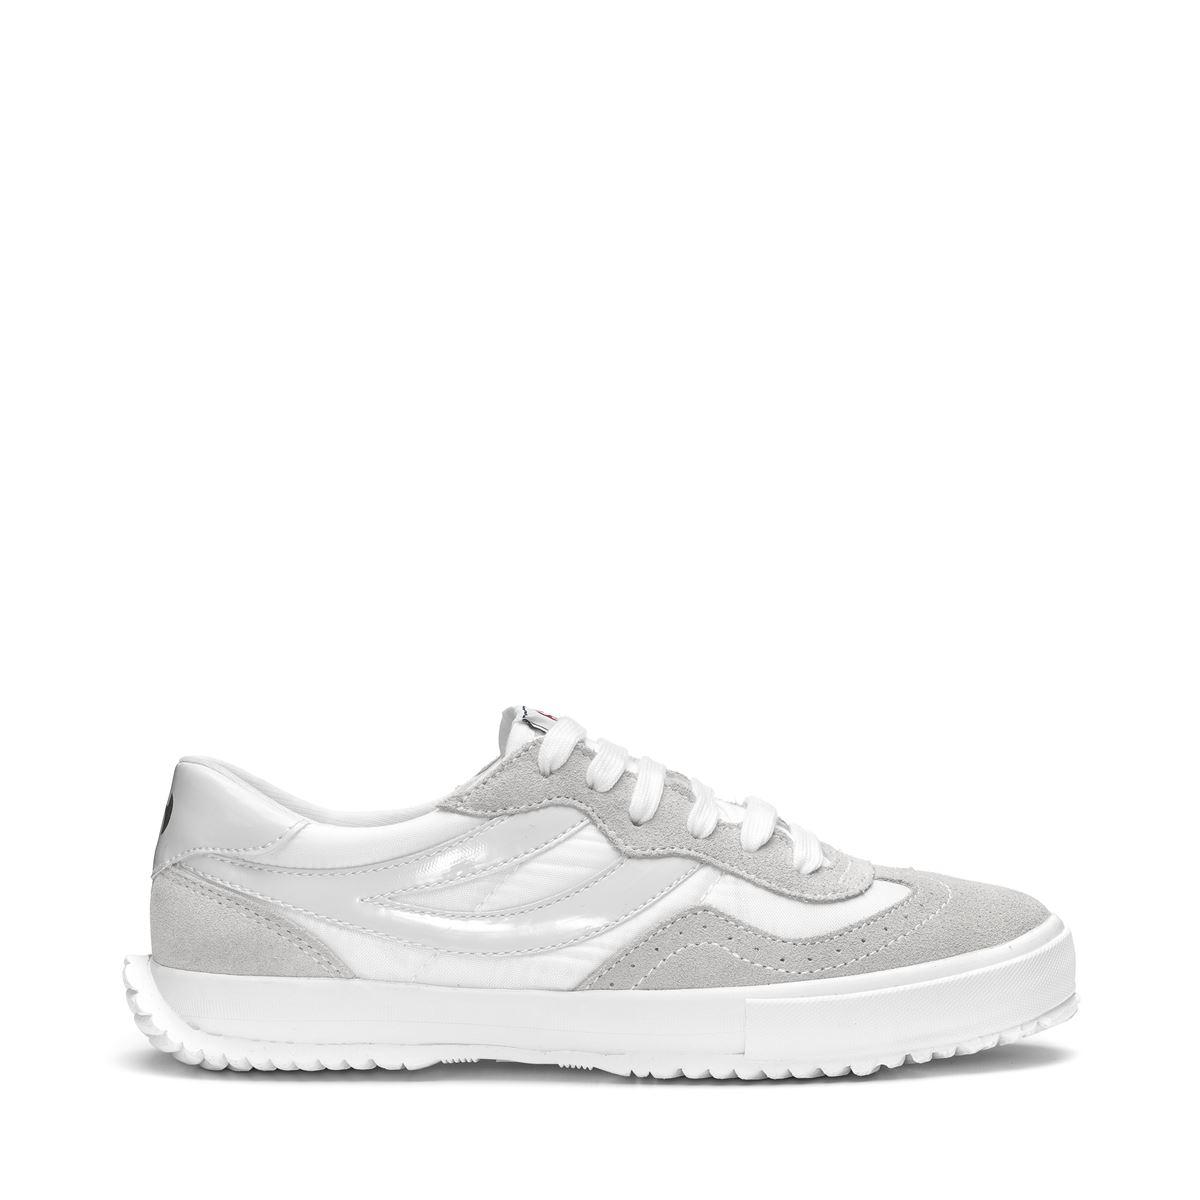 Scarpe-ginnastica-Sneakers-estate-pelle-scamosciata-lacci-Superga-Uomo-Donna-DD